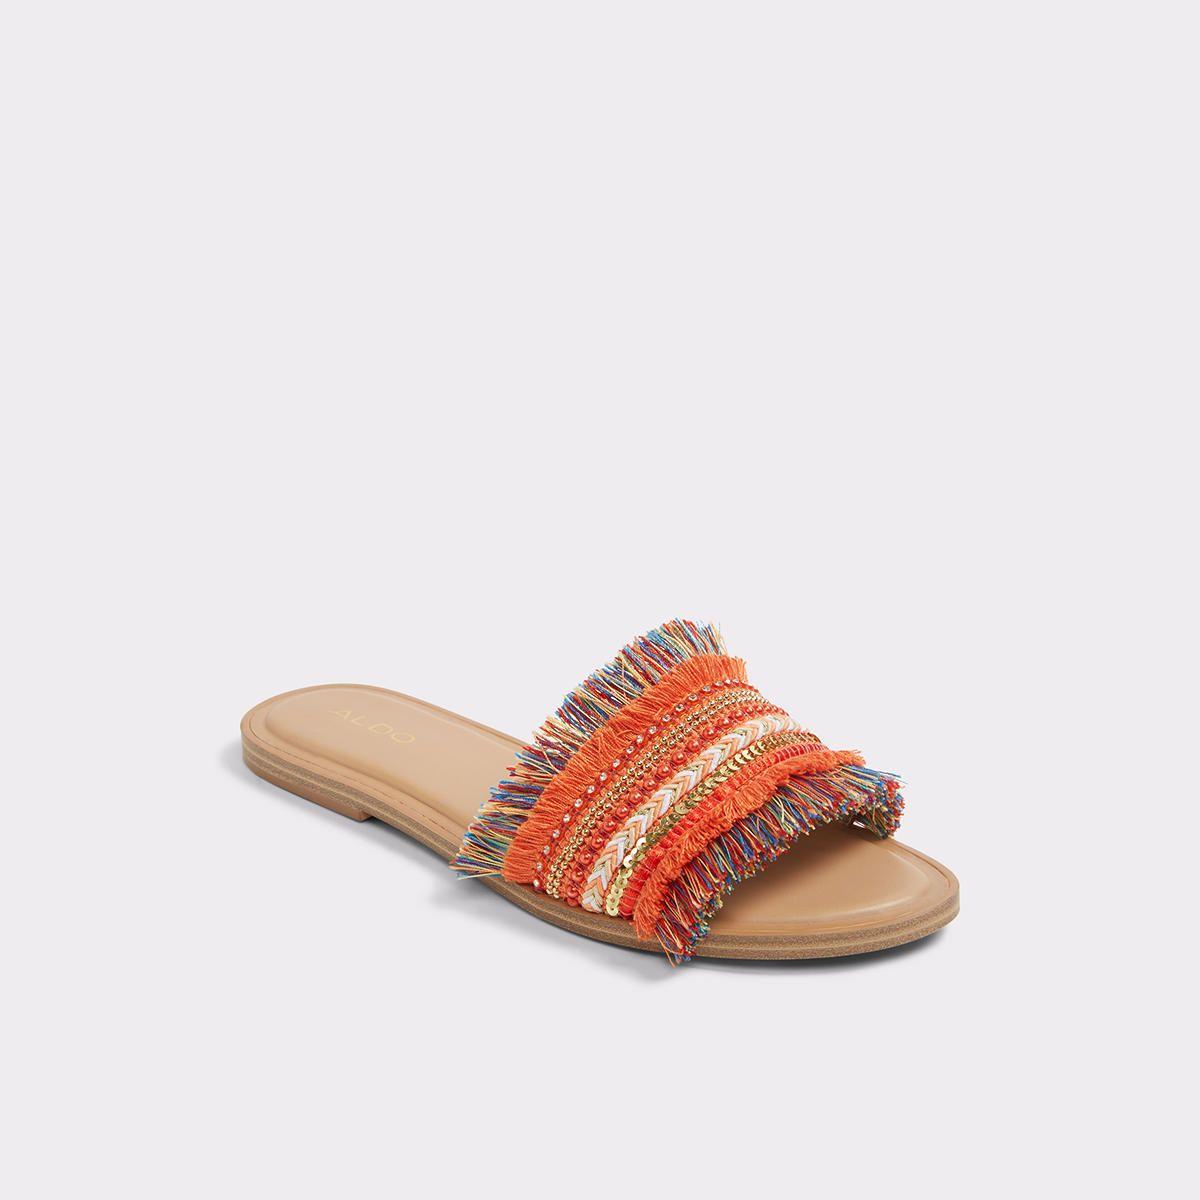 boho-inspired slide sandals exude